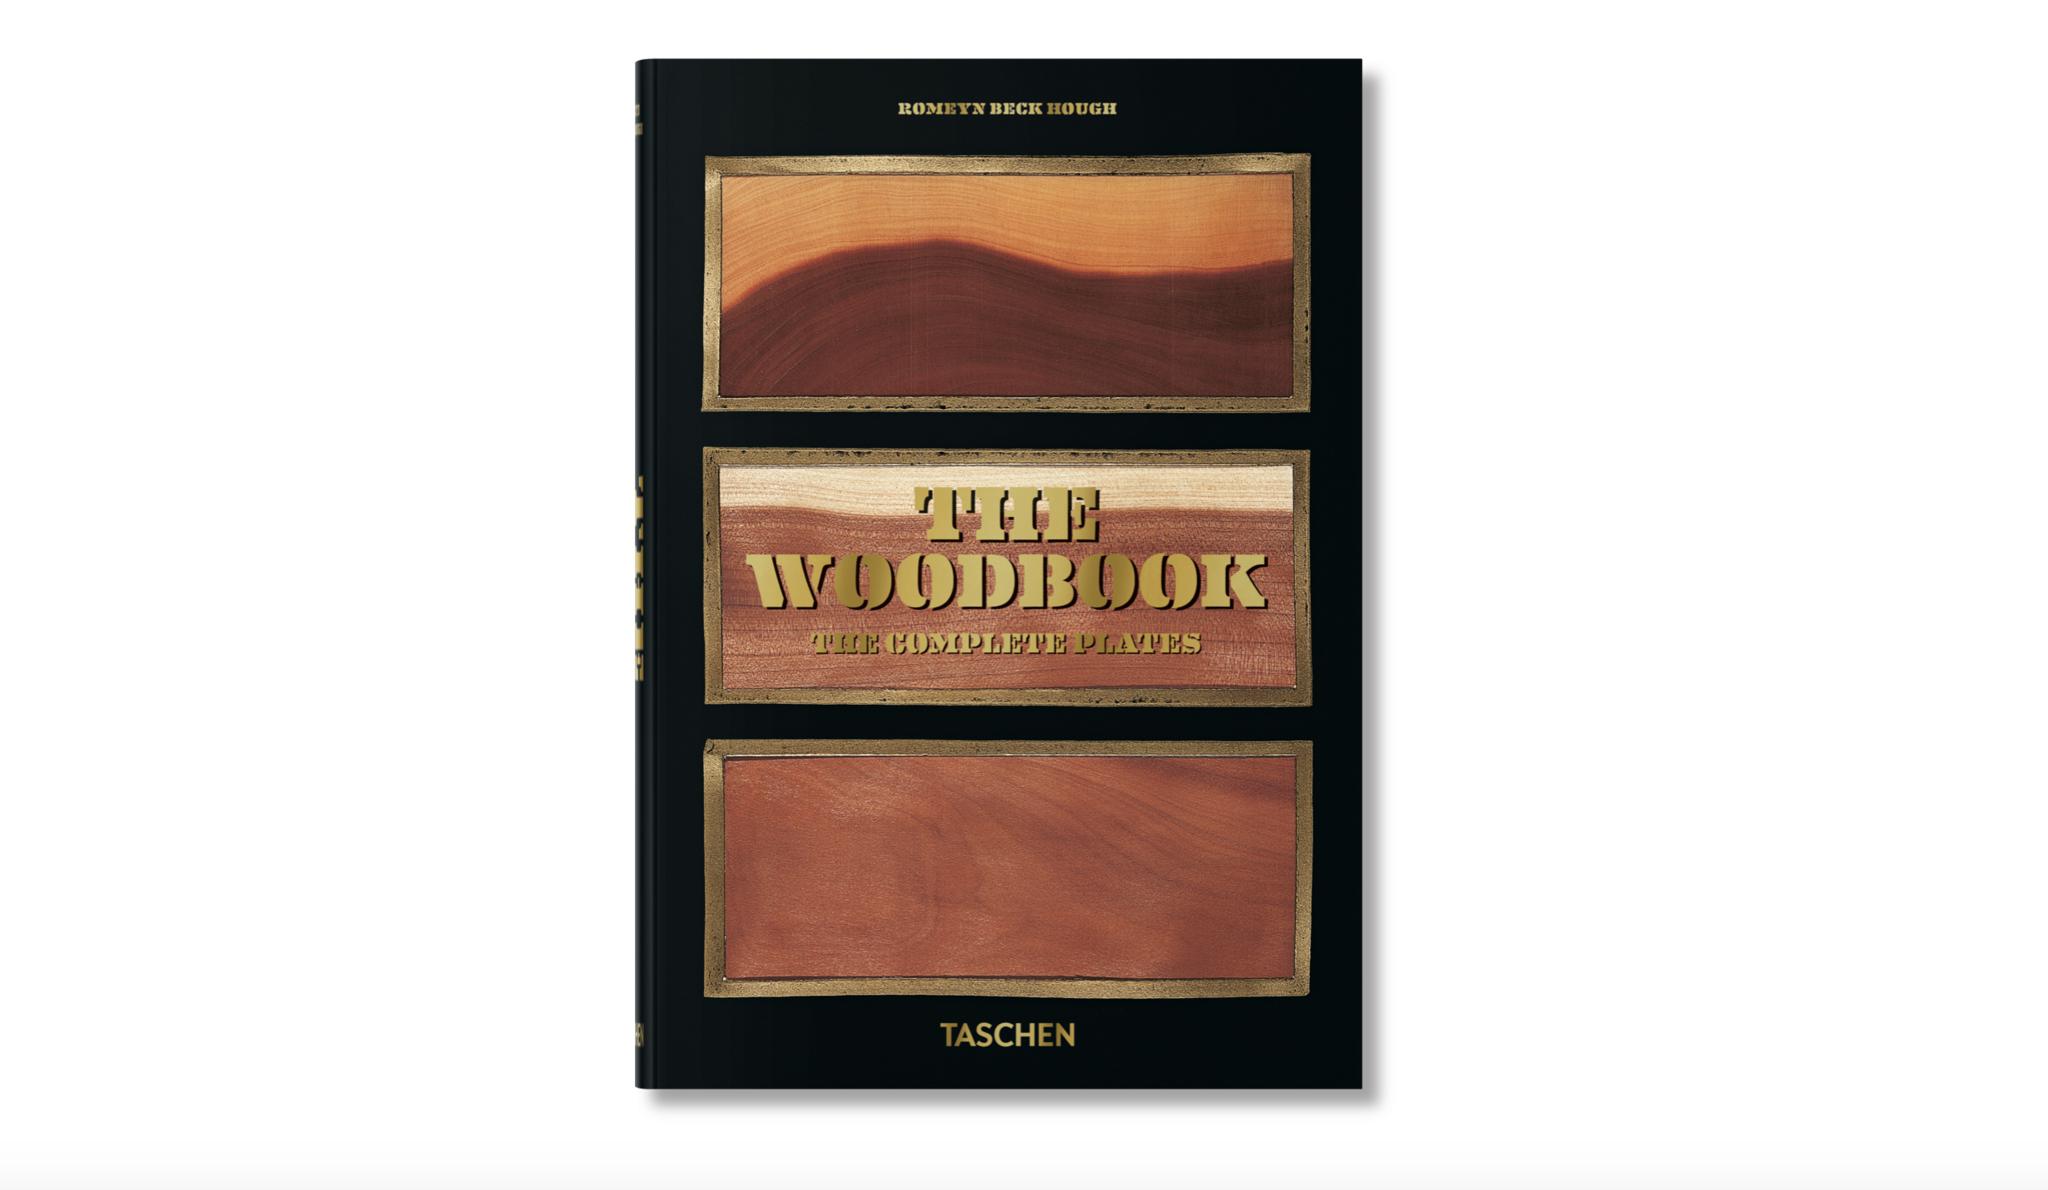 Taschen - Woodbook